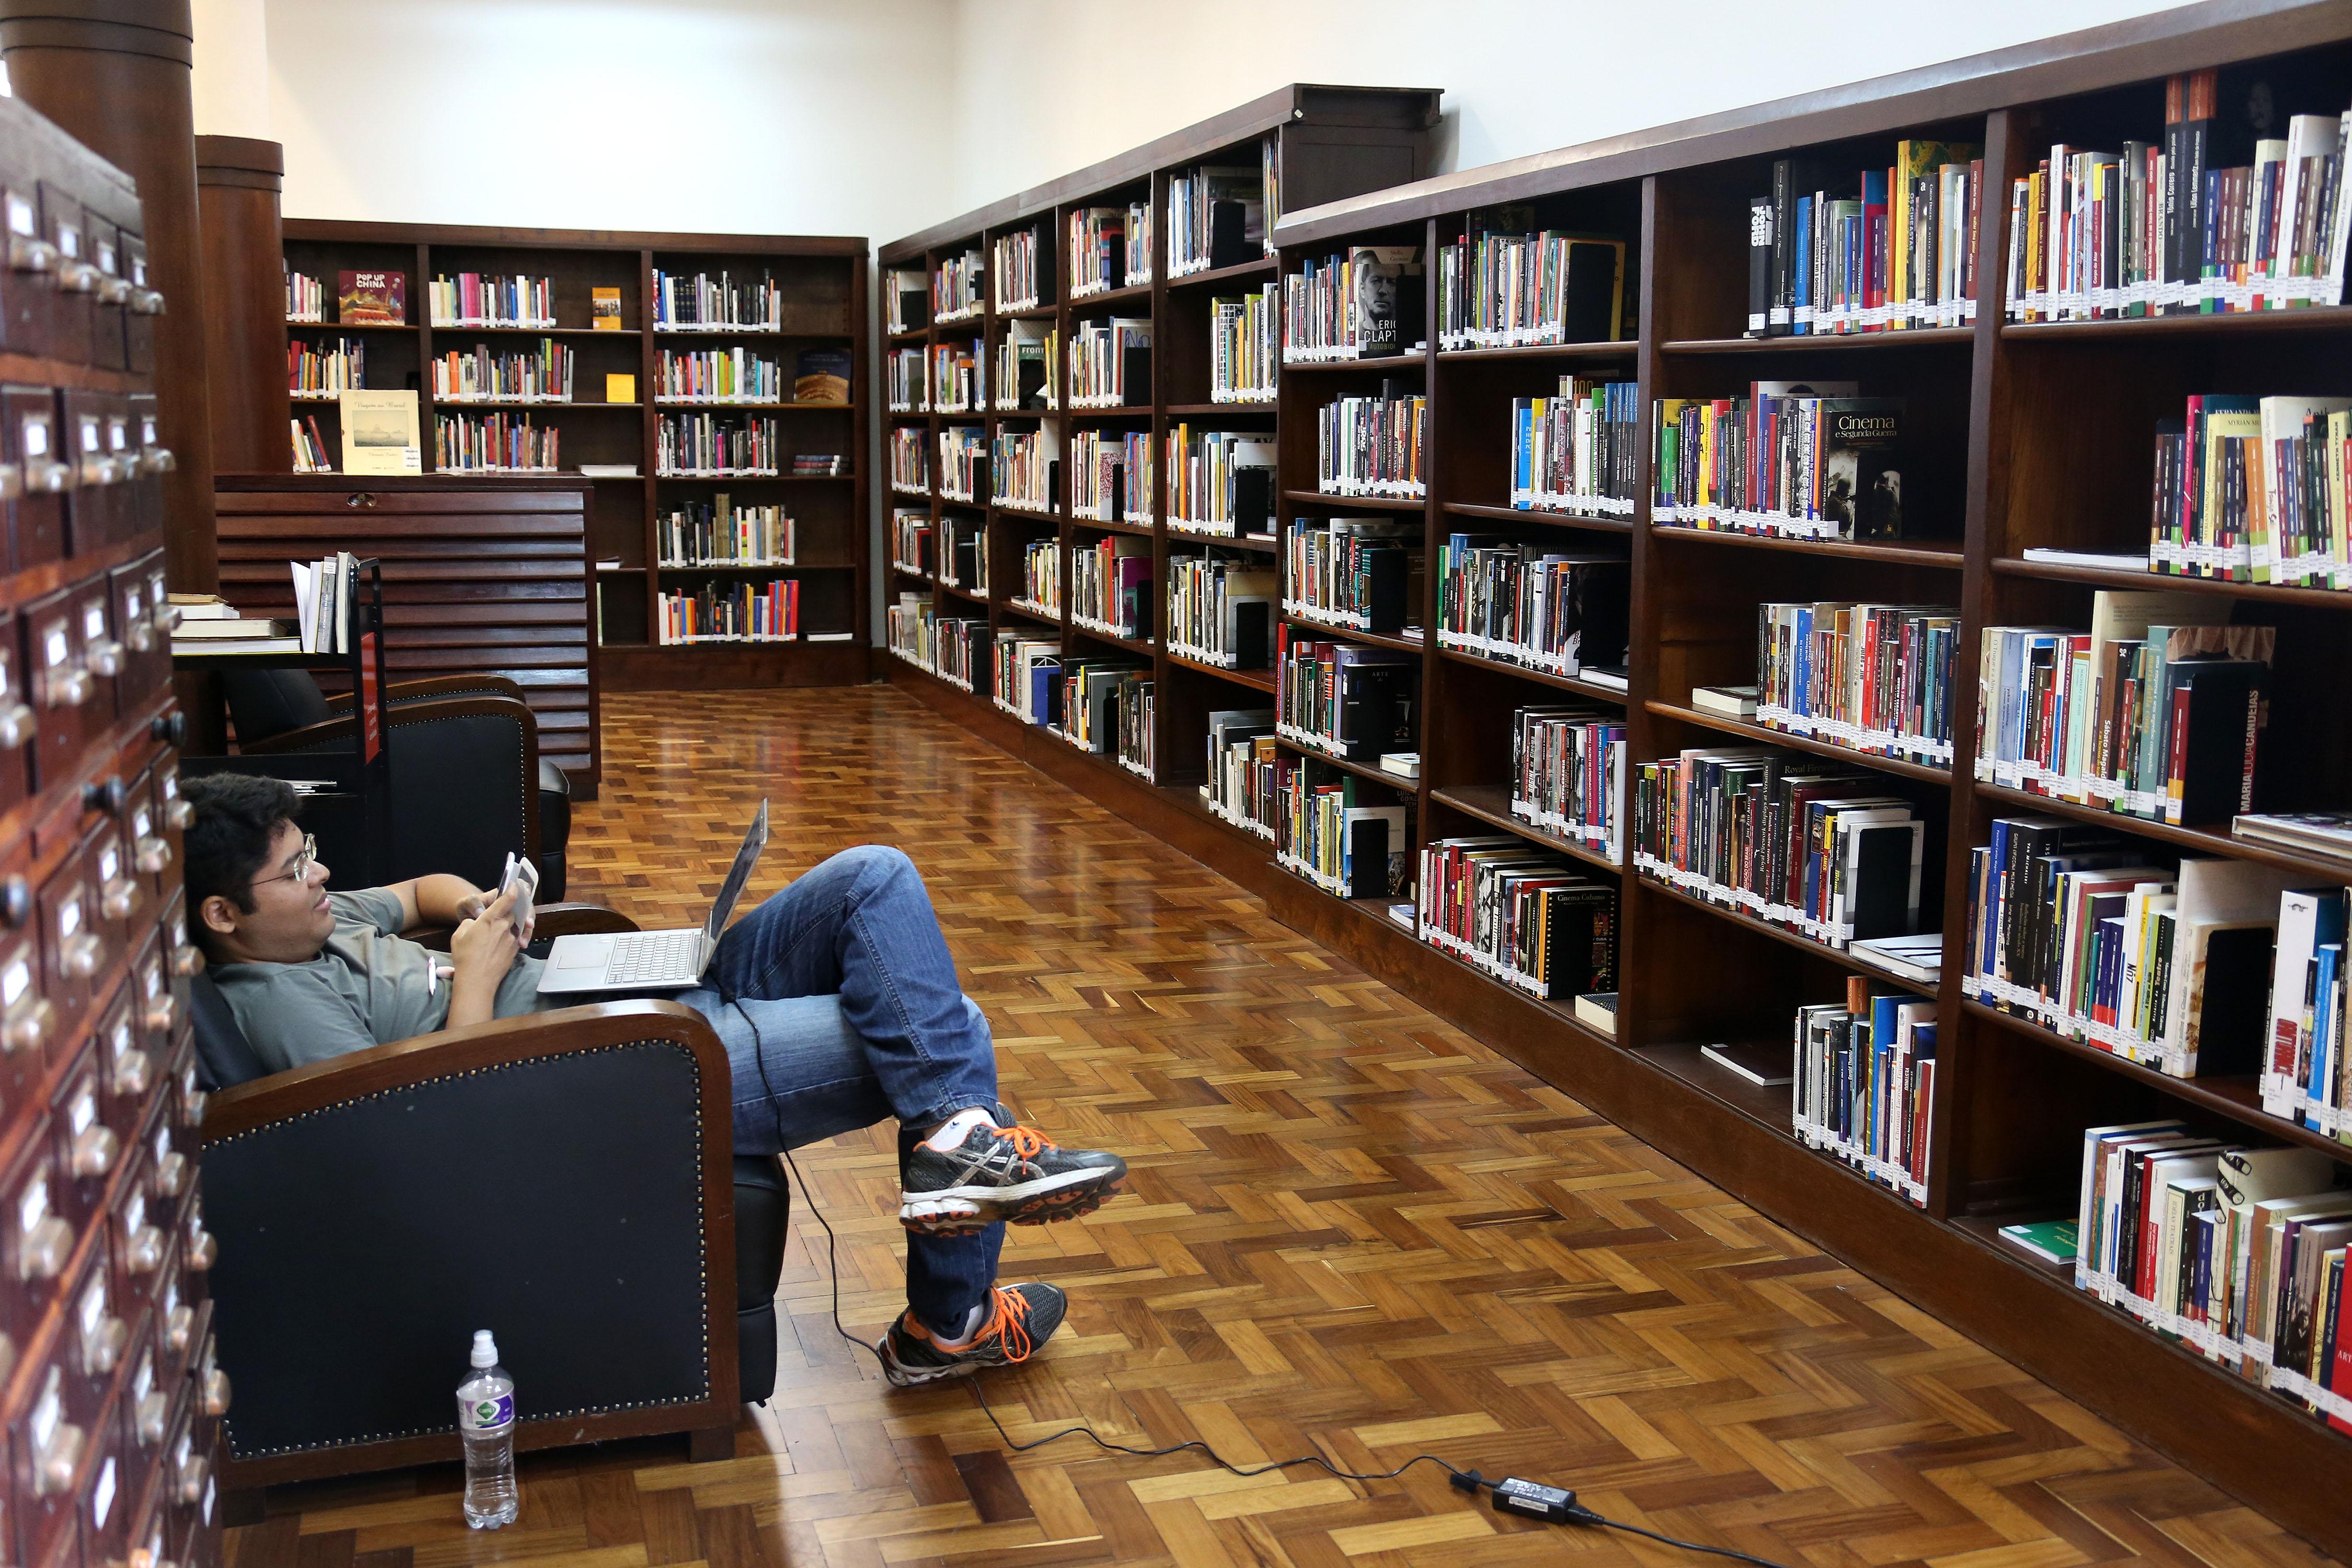 Biblioteca M Rio De Andrade Usp Imagens Banco De Imagens Da Usp -> Sala De Tv E Biblioteca